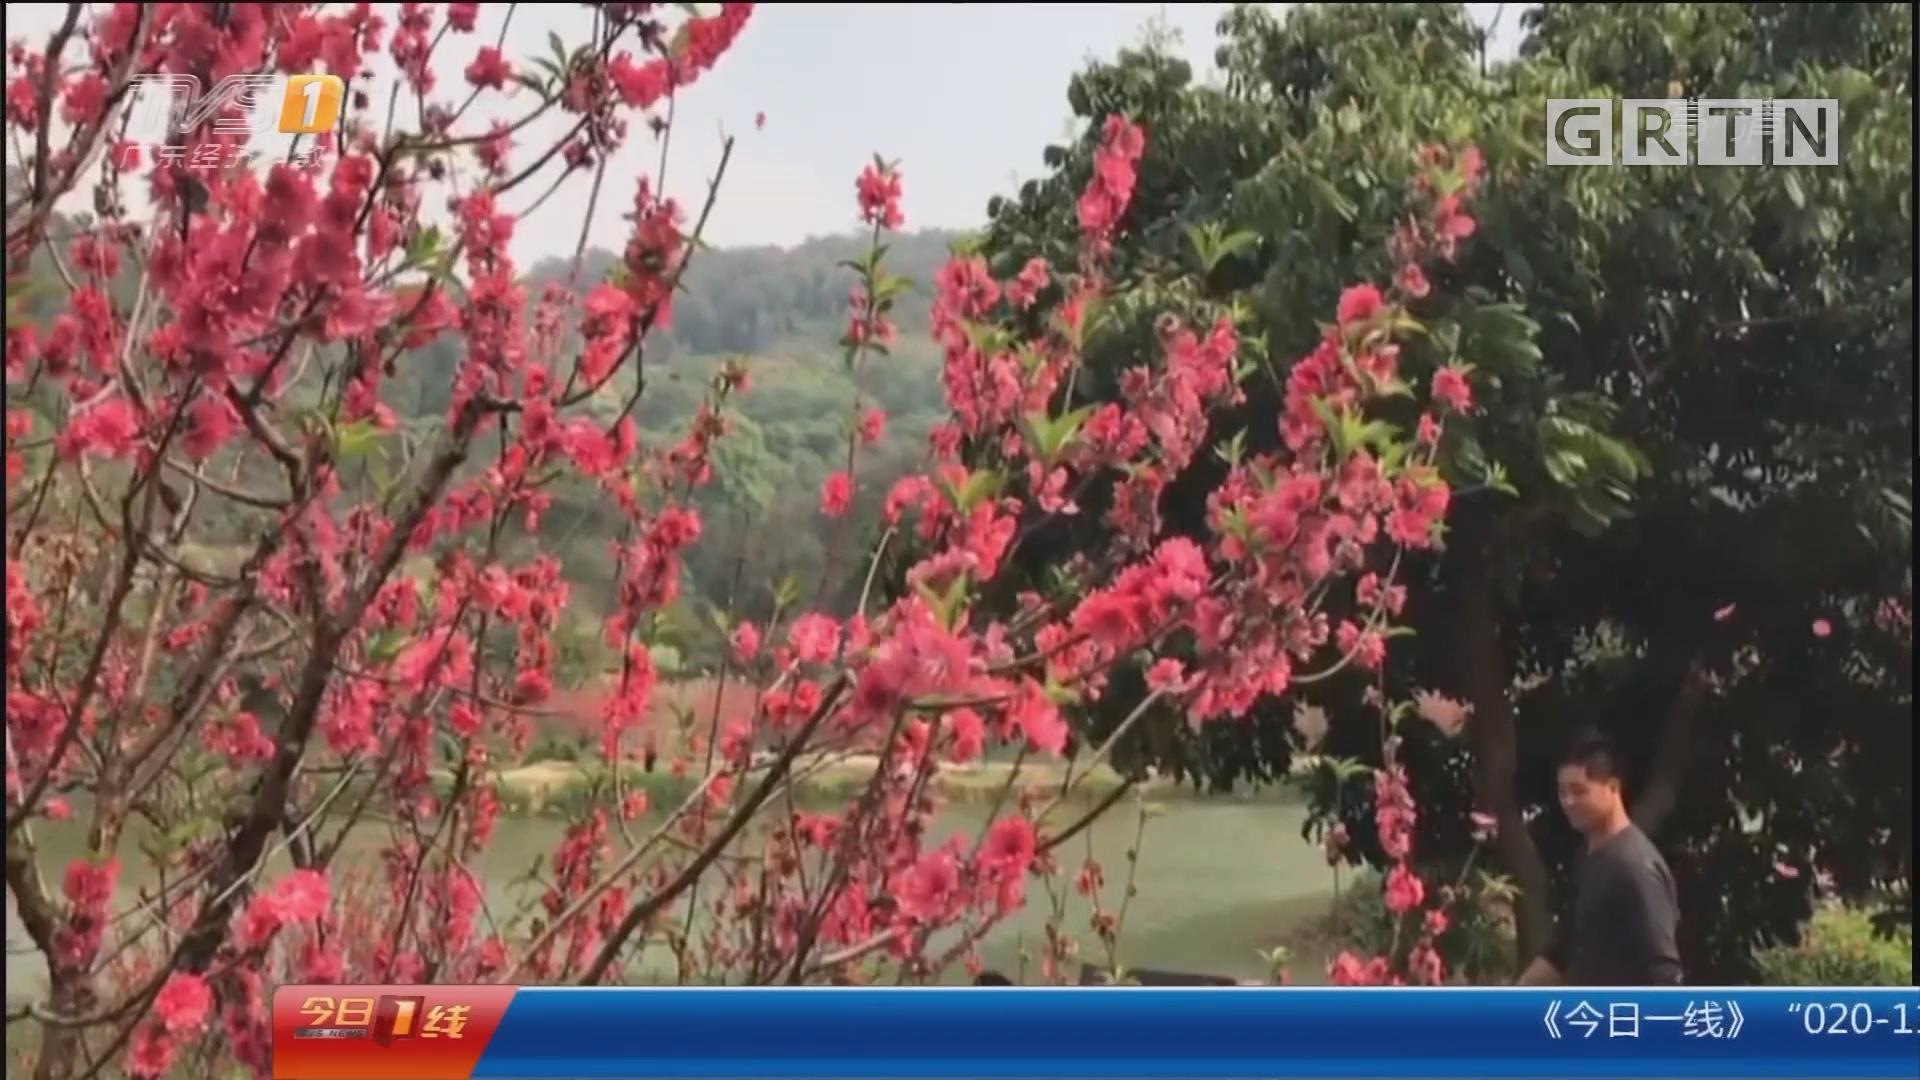 佛山:桃园花似锦 游客凹造型桃树遭殃